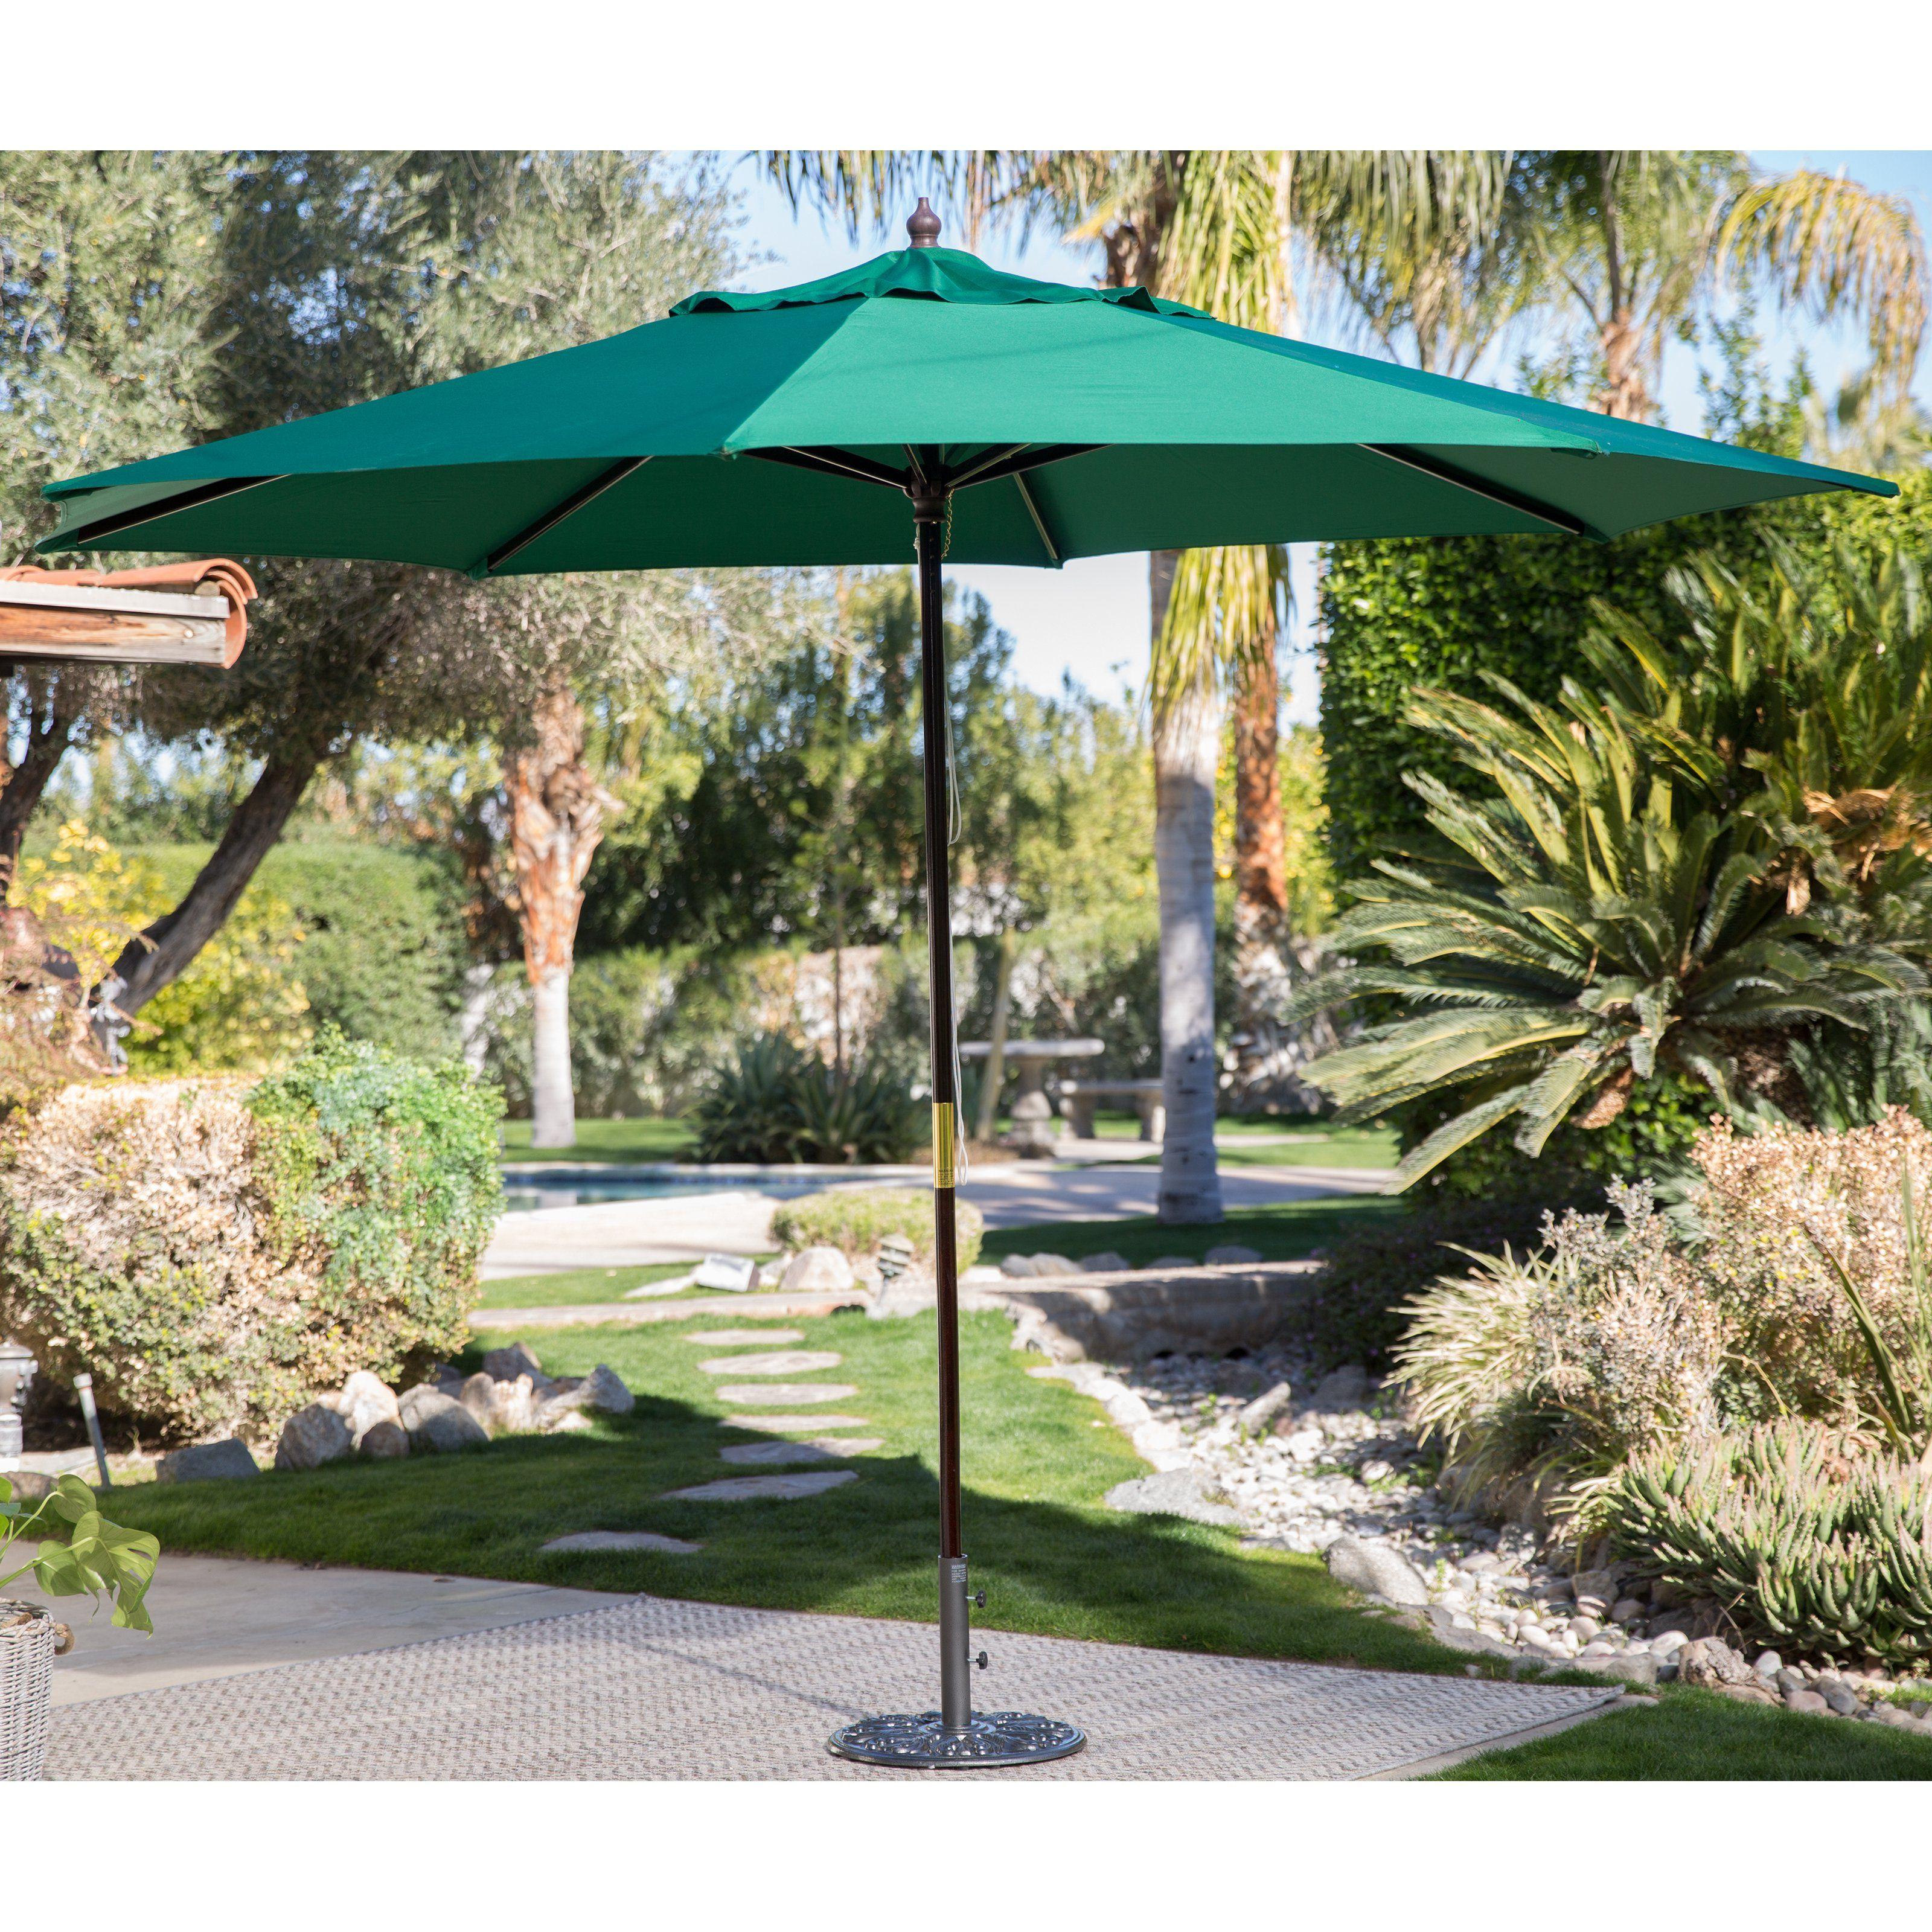 Spun Poly Wood Market Umbrella From